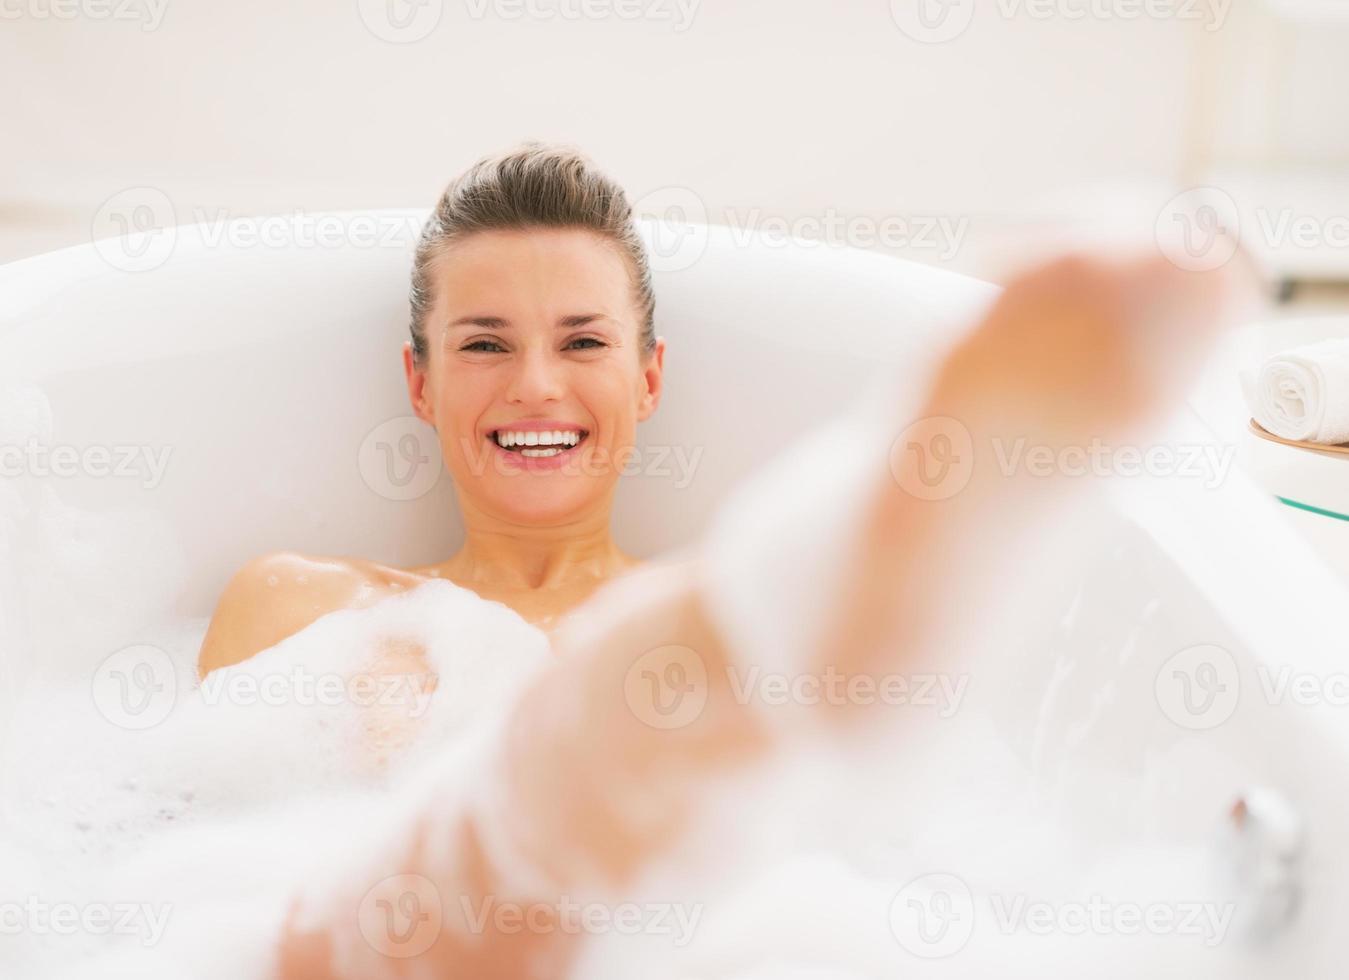 glimlachende jonge vrouw die prettijd in badkuip heeft foto